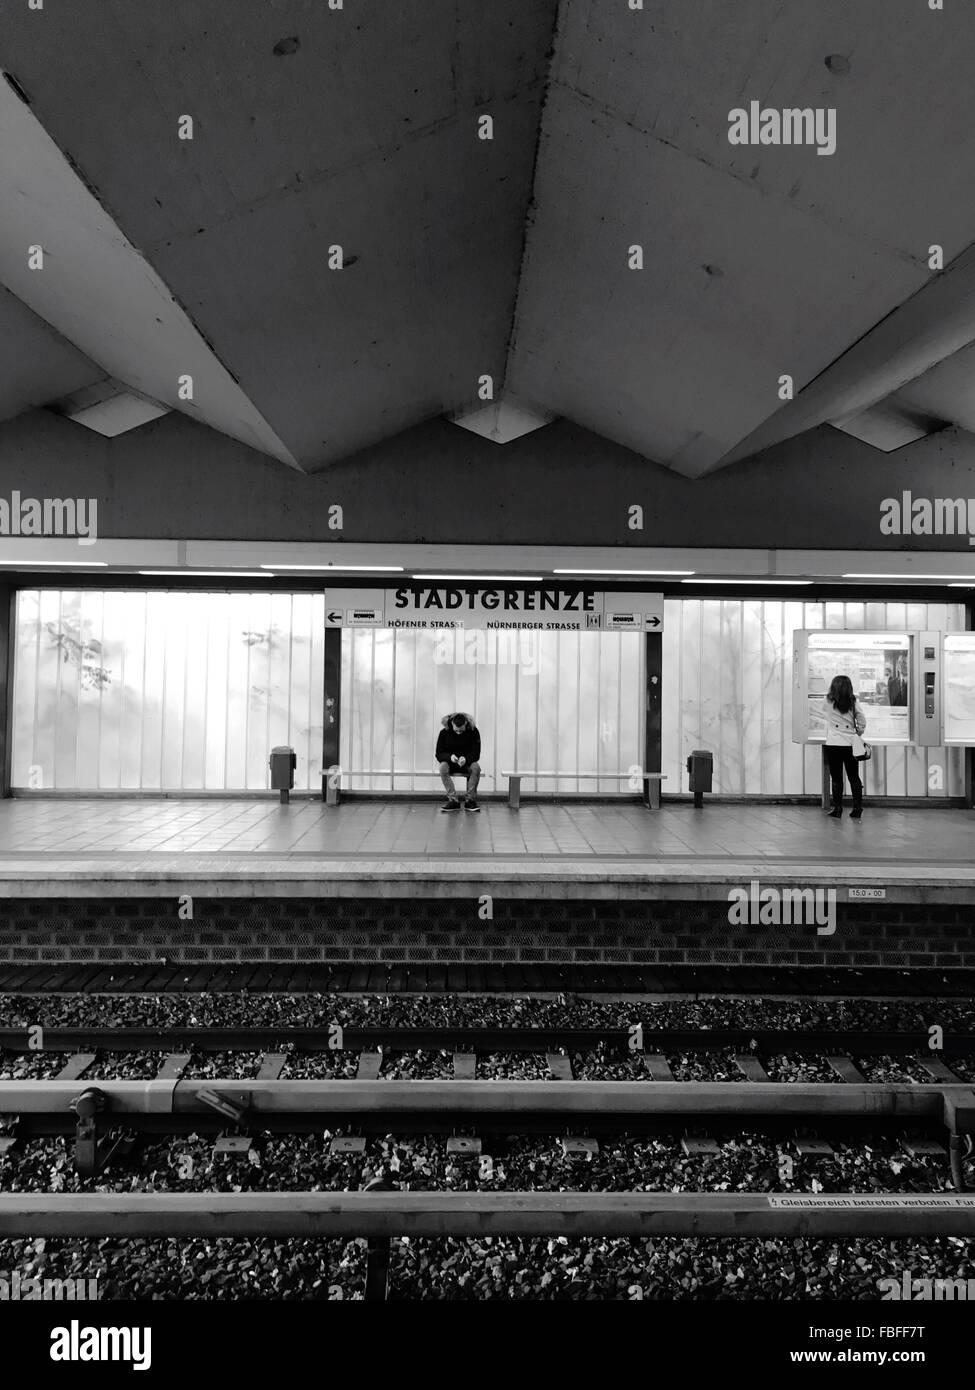 Man And Woman At Railroad Station Platform - Stock Image